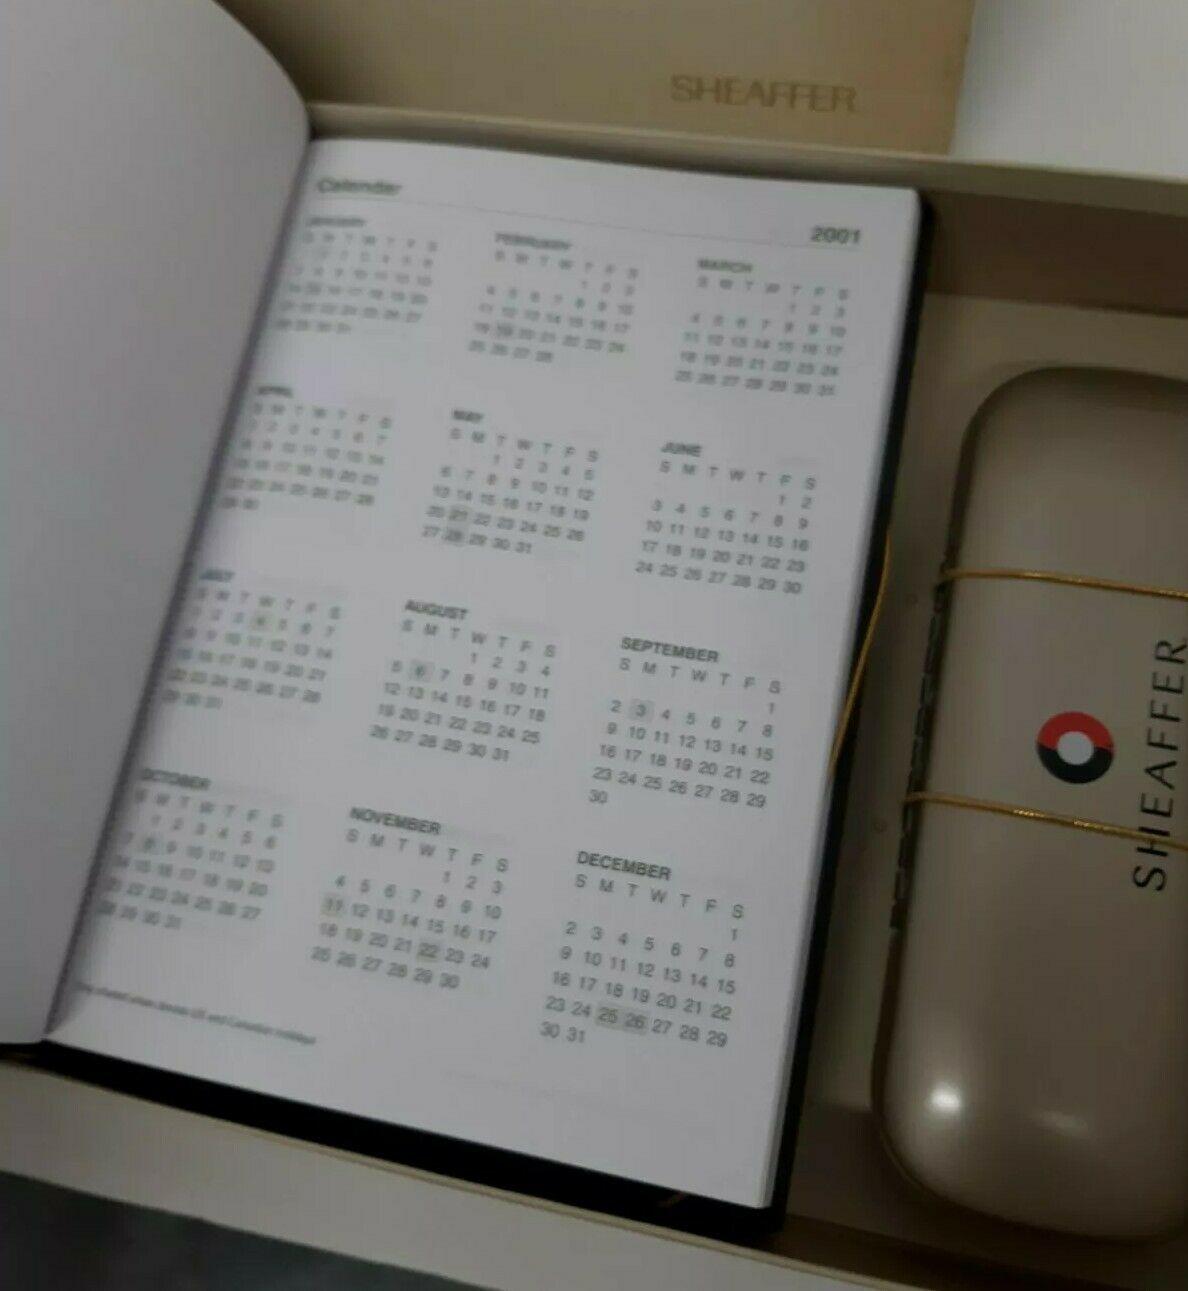 Sheaffer Rollerball Pen America Store Notebook Set 2001-2013 Calendars White Dot